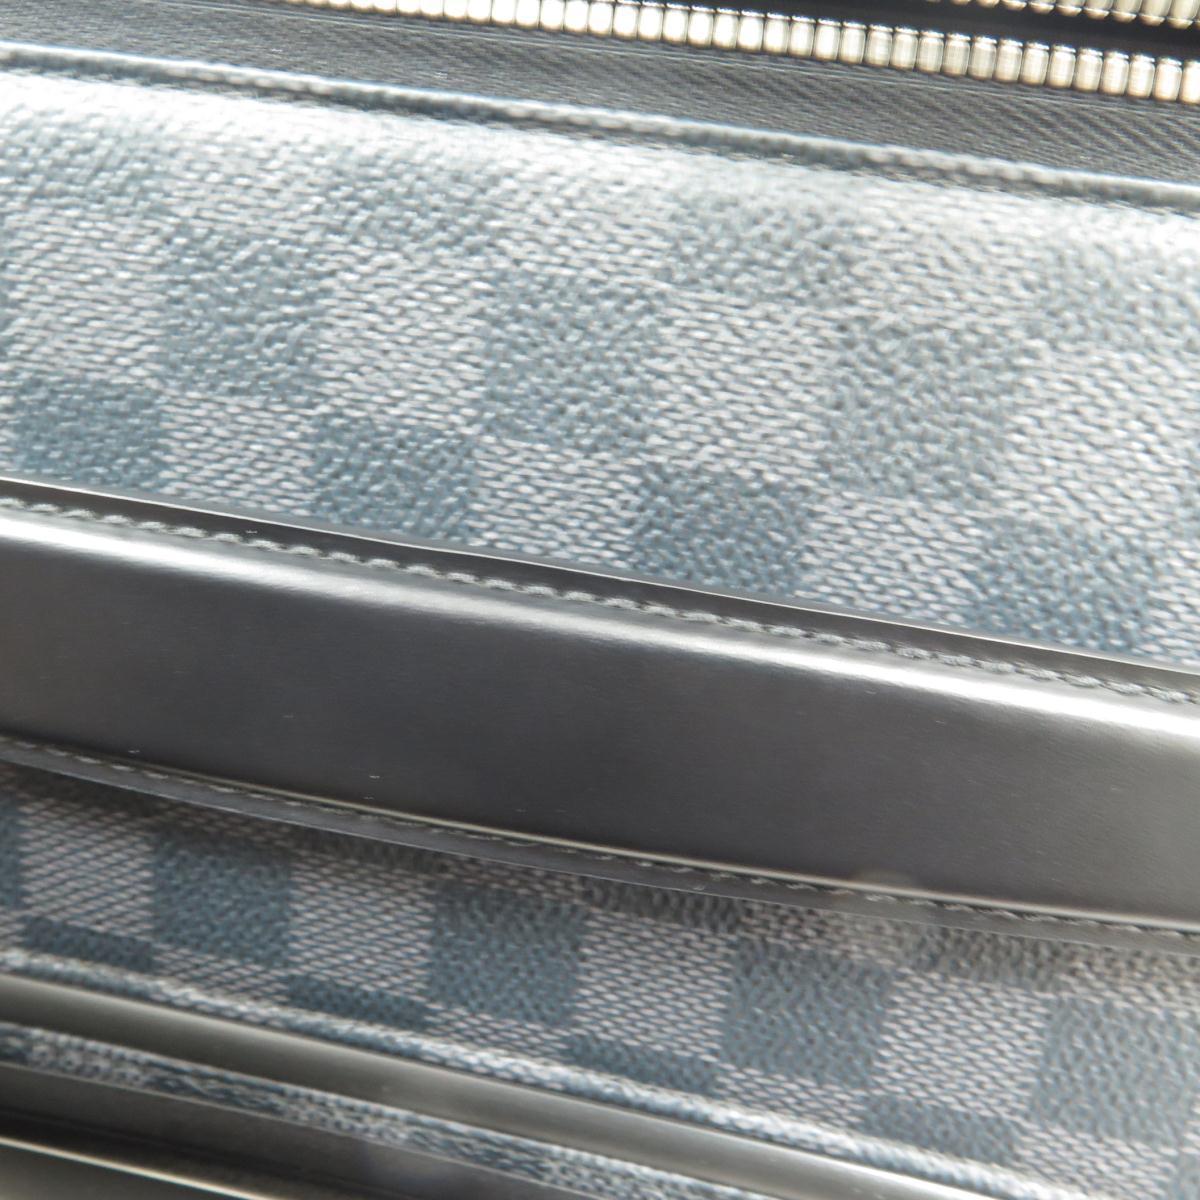 ルイヴィトン ダミエグラフィット ペガスレジェールビジネス 55cm N21225WDH92EI